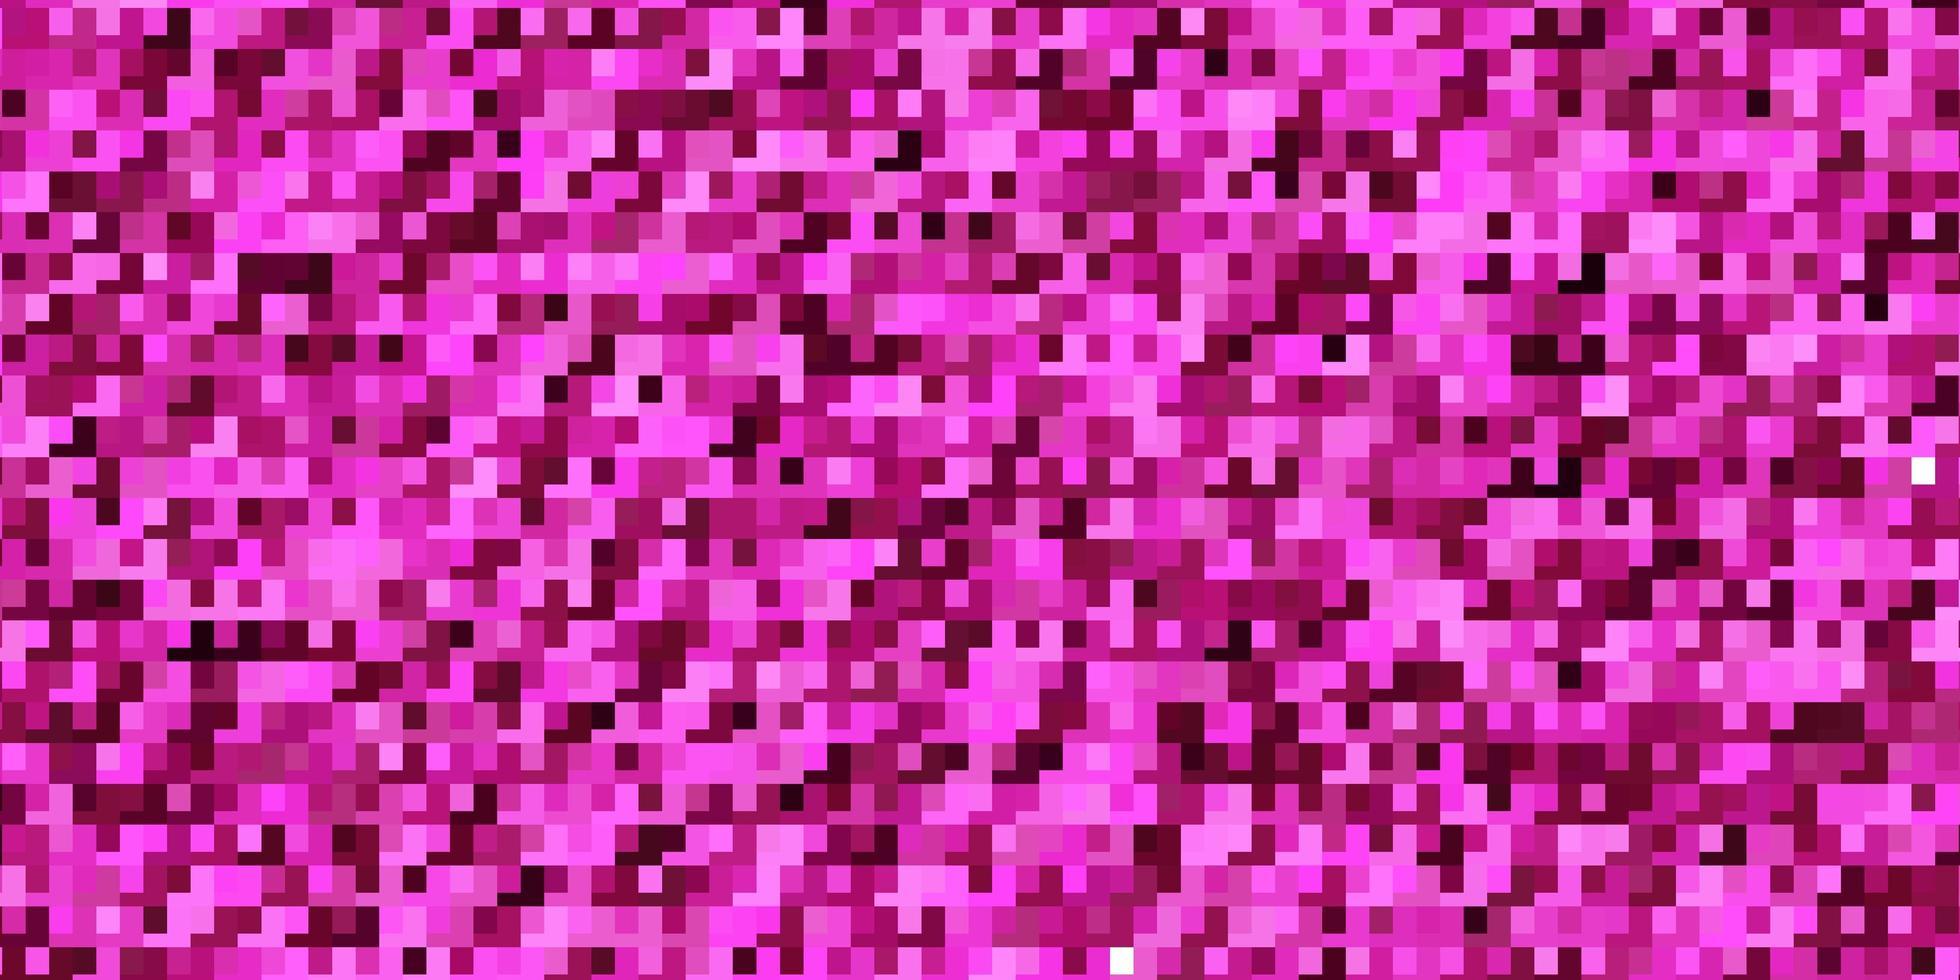 layout vettoriale rosa chiaro con linee, rettangoli.